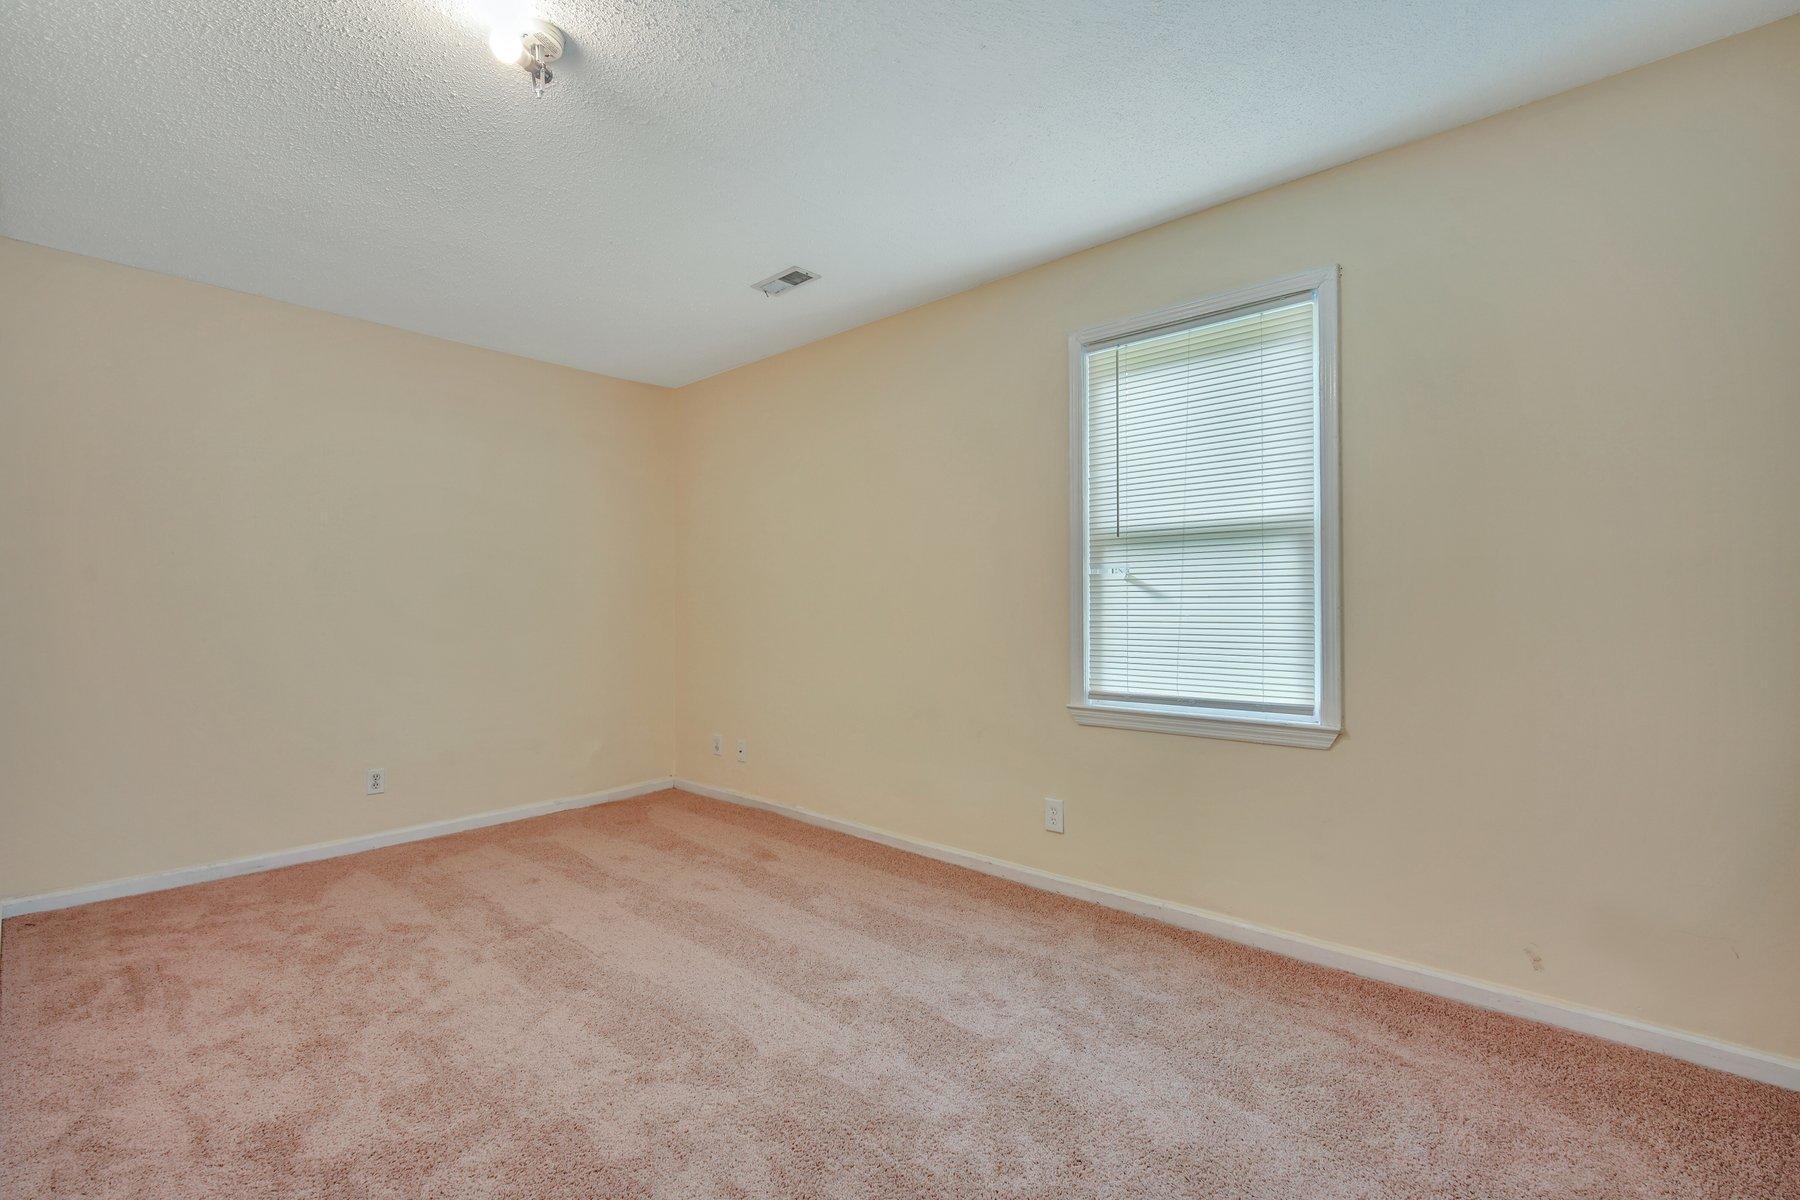 Boulder Bluff Homes For Sale - 428 Annette, Goose Creek, SC - 11